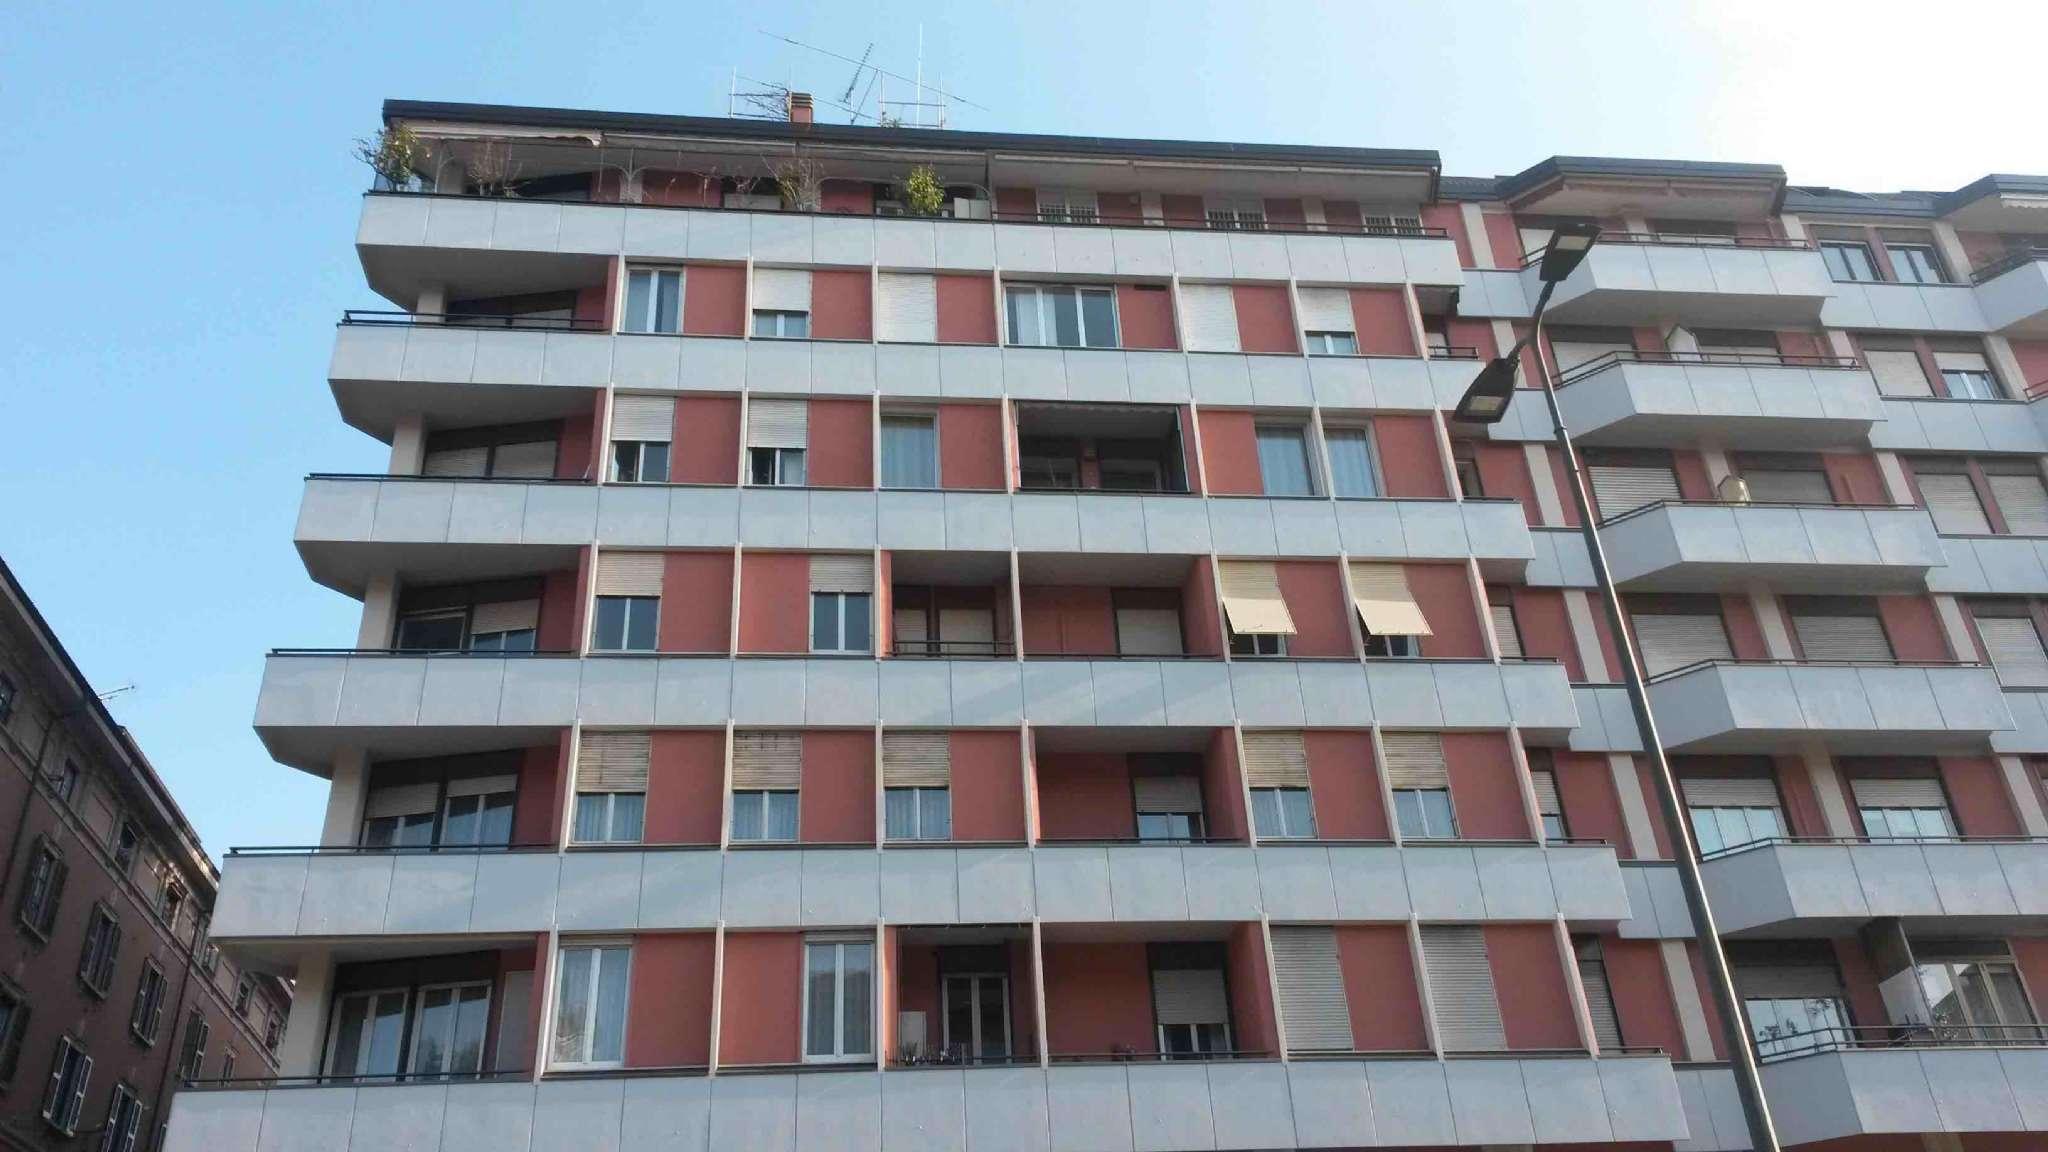 Appartamento in affitto a Milano, 3 locali, zona Zona: 1 . Centro Storico, Duomo, Brera, Cadorna, Cattolica, prezzo € 1.830 | Cambio Casa.it